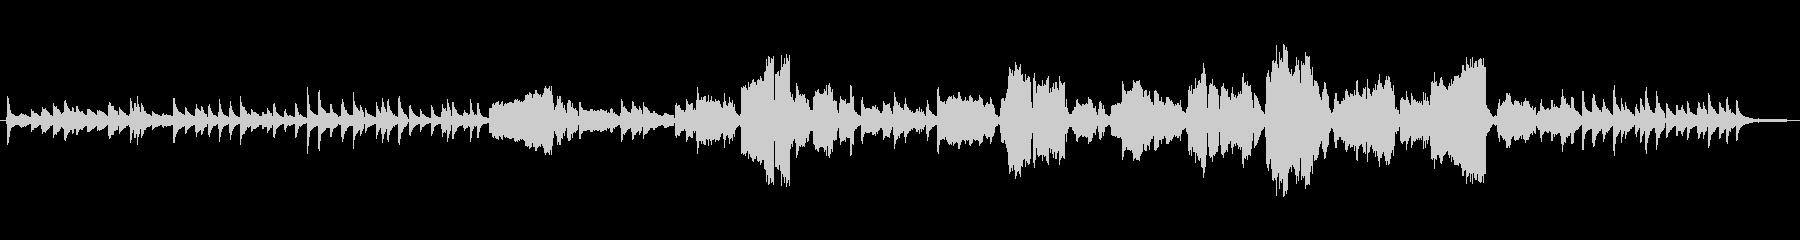 生演奏「オンブラマイフ/ラルゴ」ヘンデルの未再生の波形